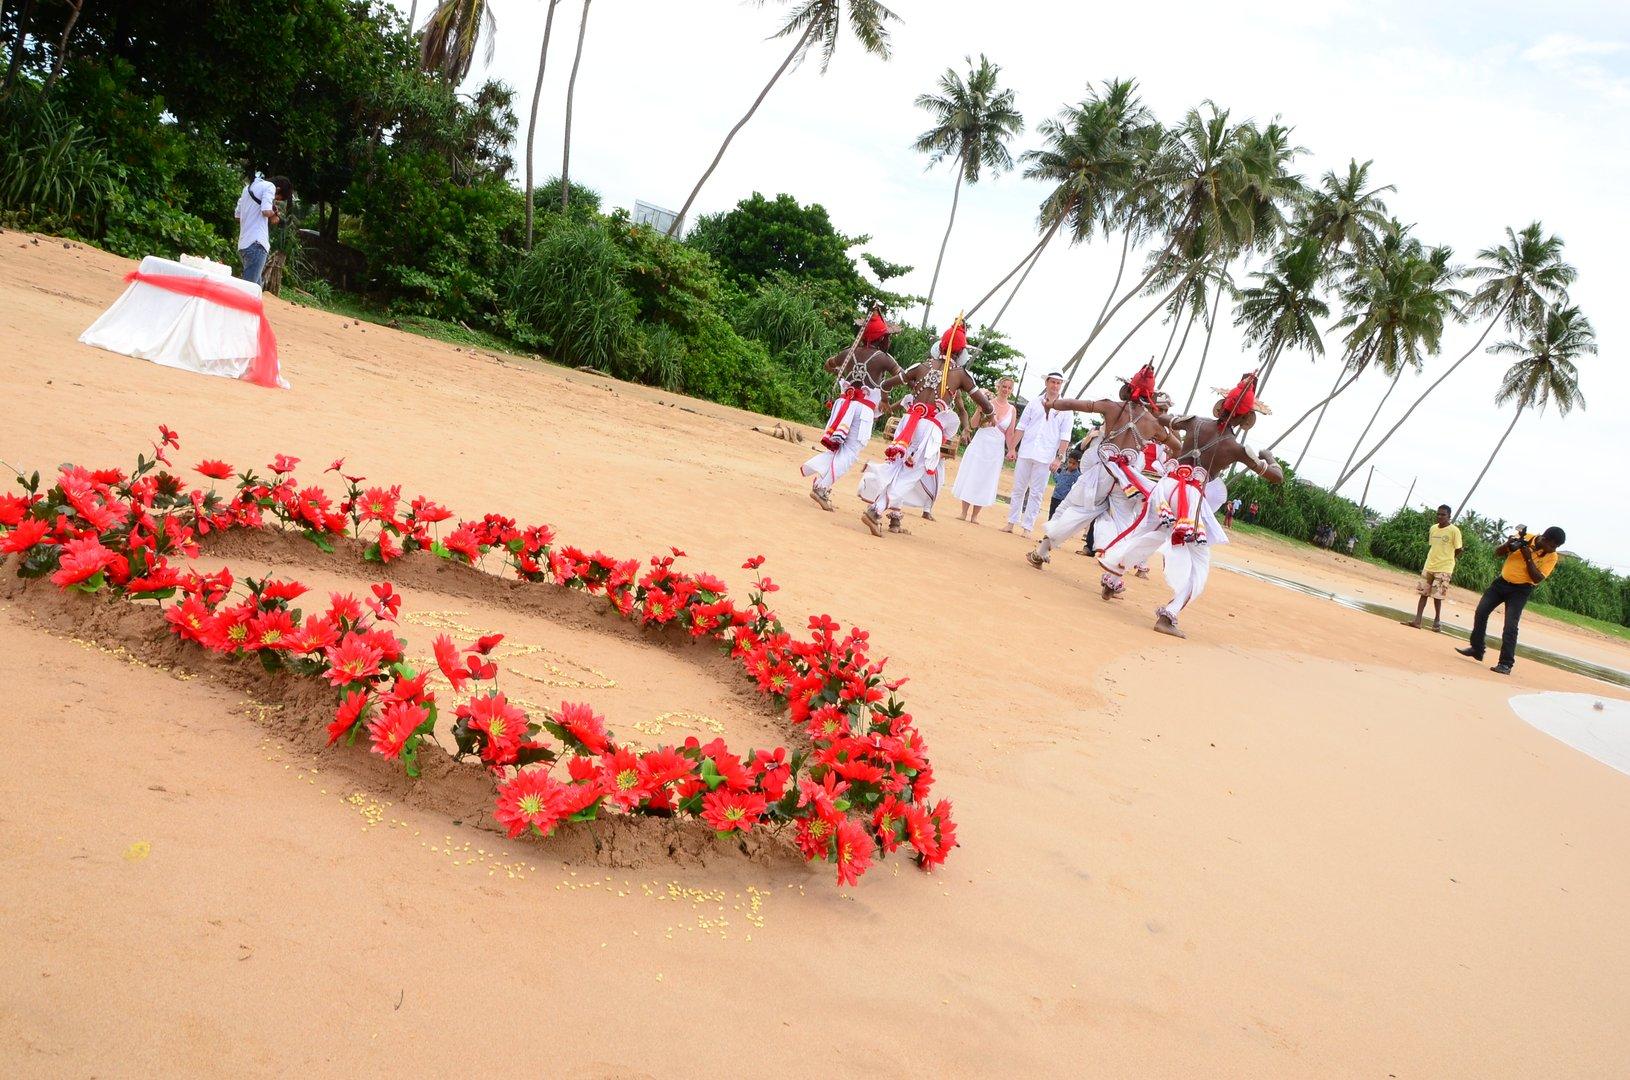 Wedding mysrilankatravel wedding sri lanka kandy dancers flowers mysrilankatravel izmirmasajfo